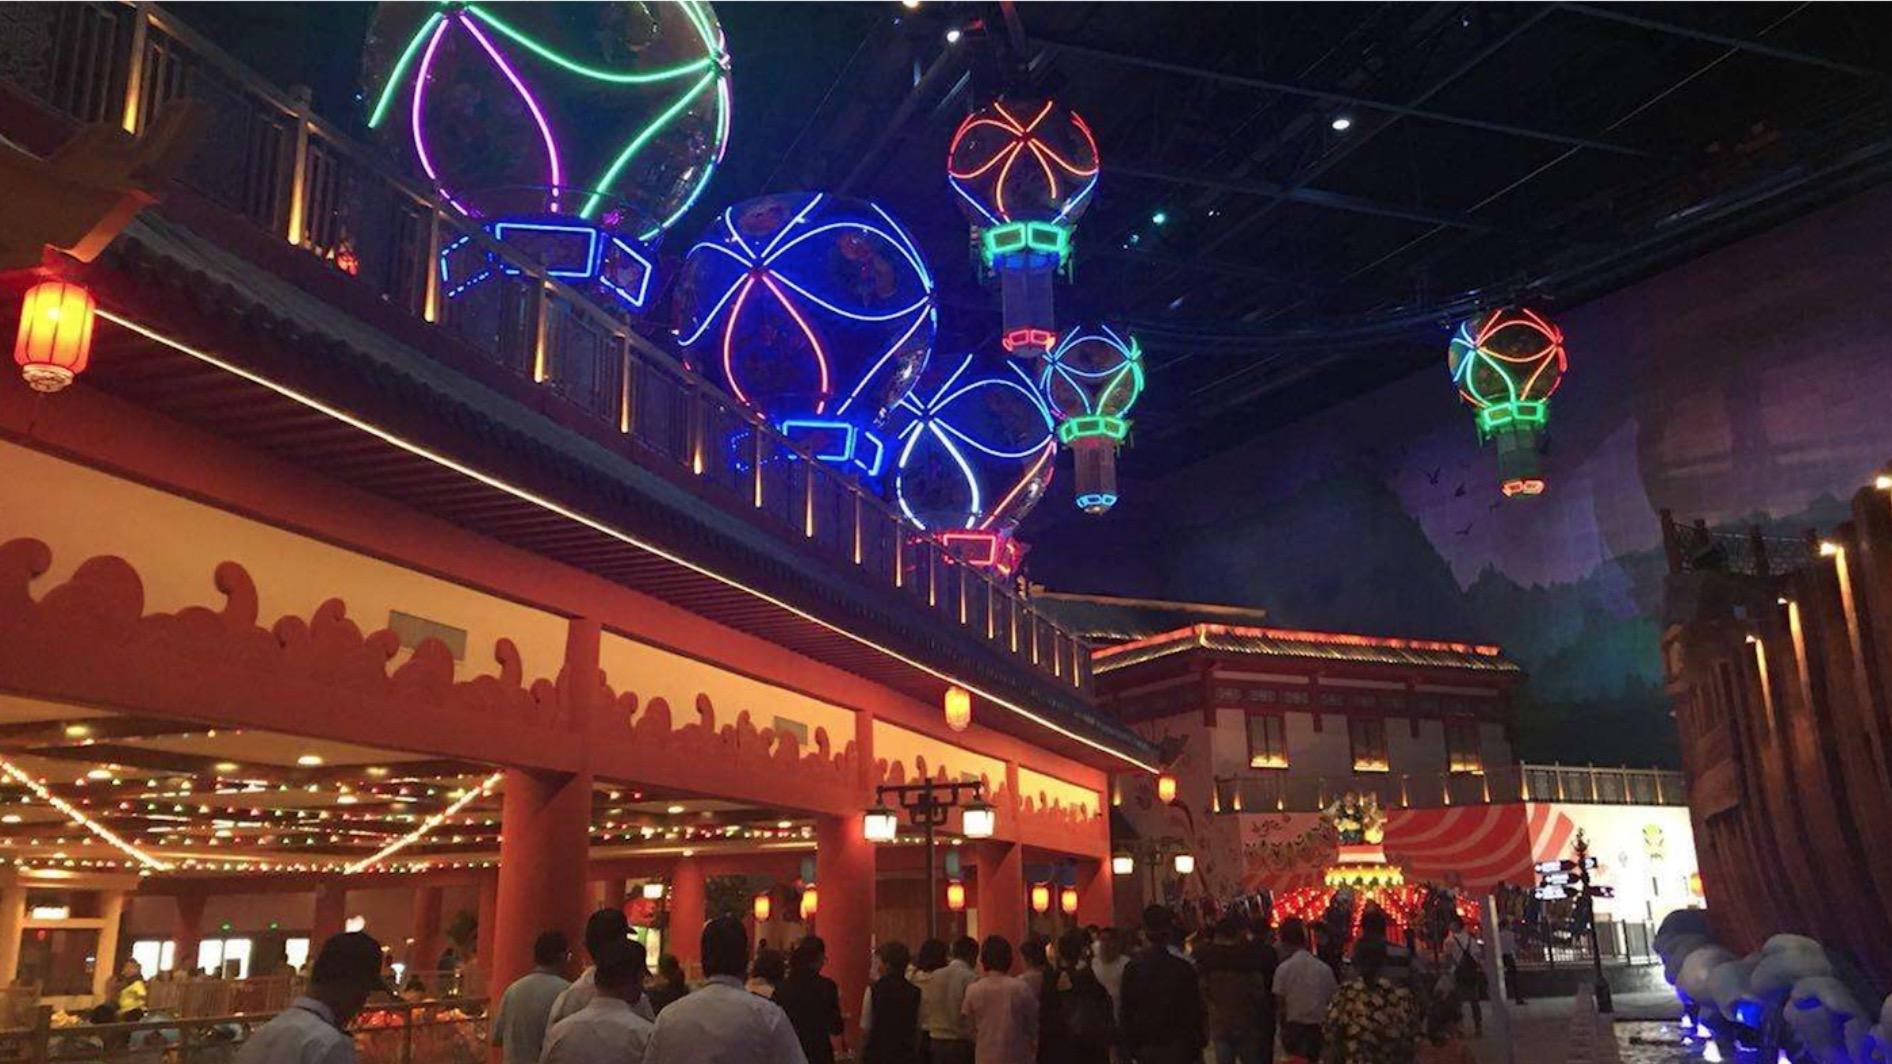 南京万达乐园举办暑期特色活动迎客流高峰